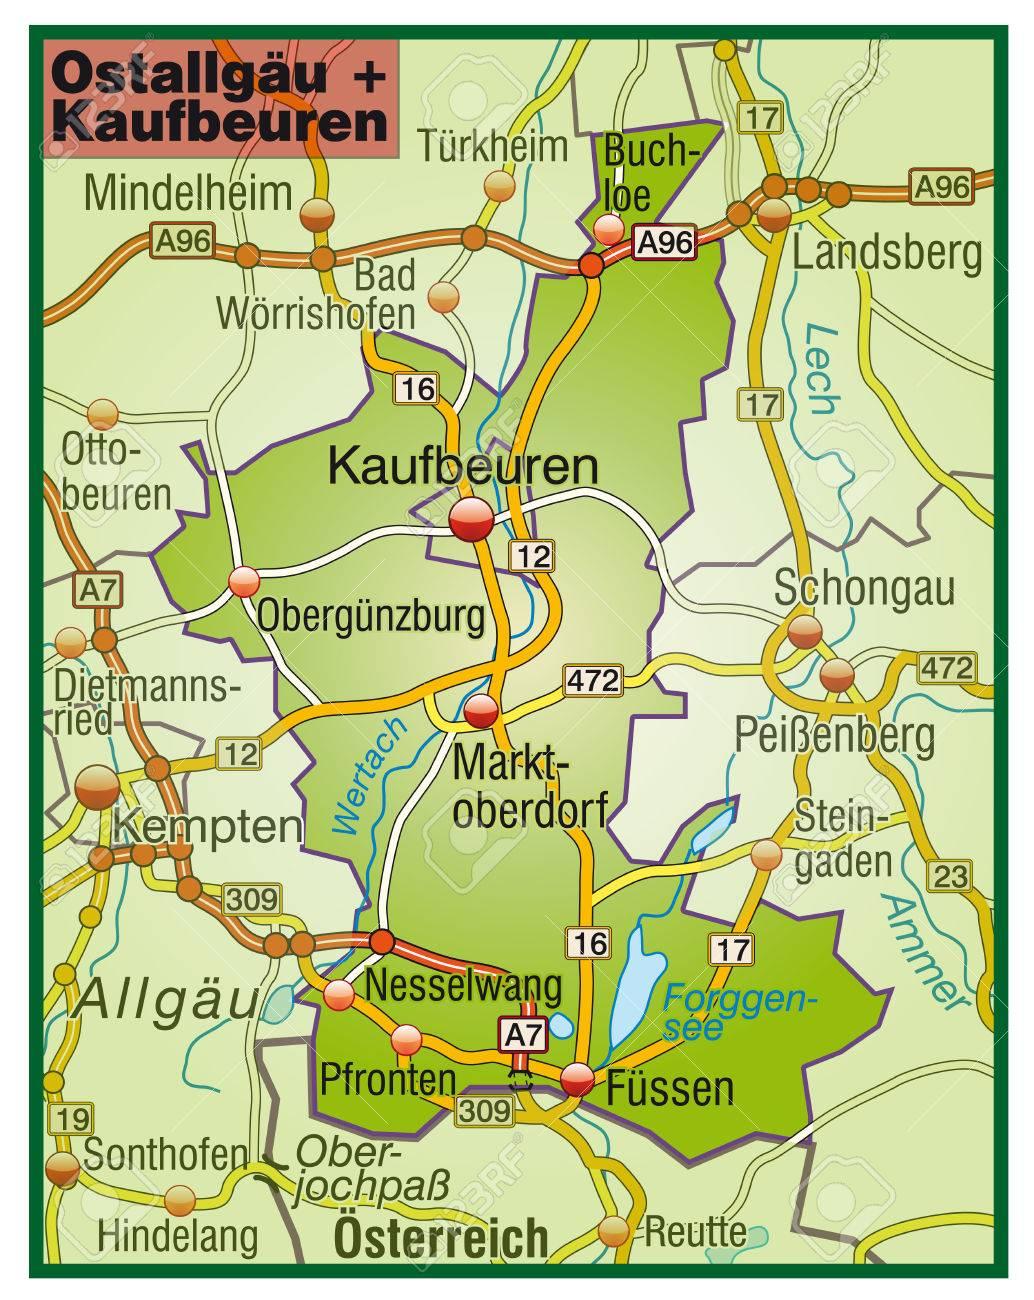 ostallgäu karte Karte Von Ostallgäu Kaufbeuren Mit Autobahnen Lizenzfrei Nutzbare  ostallgäu karte